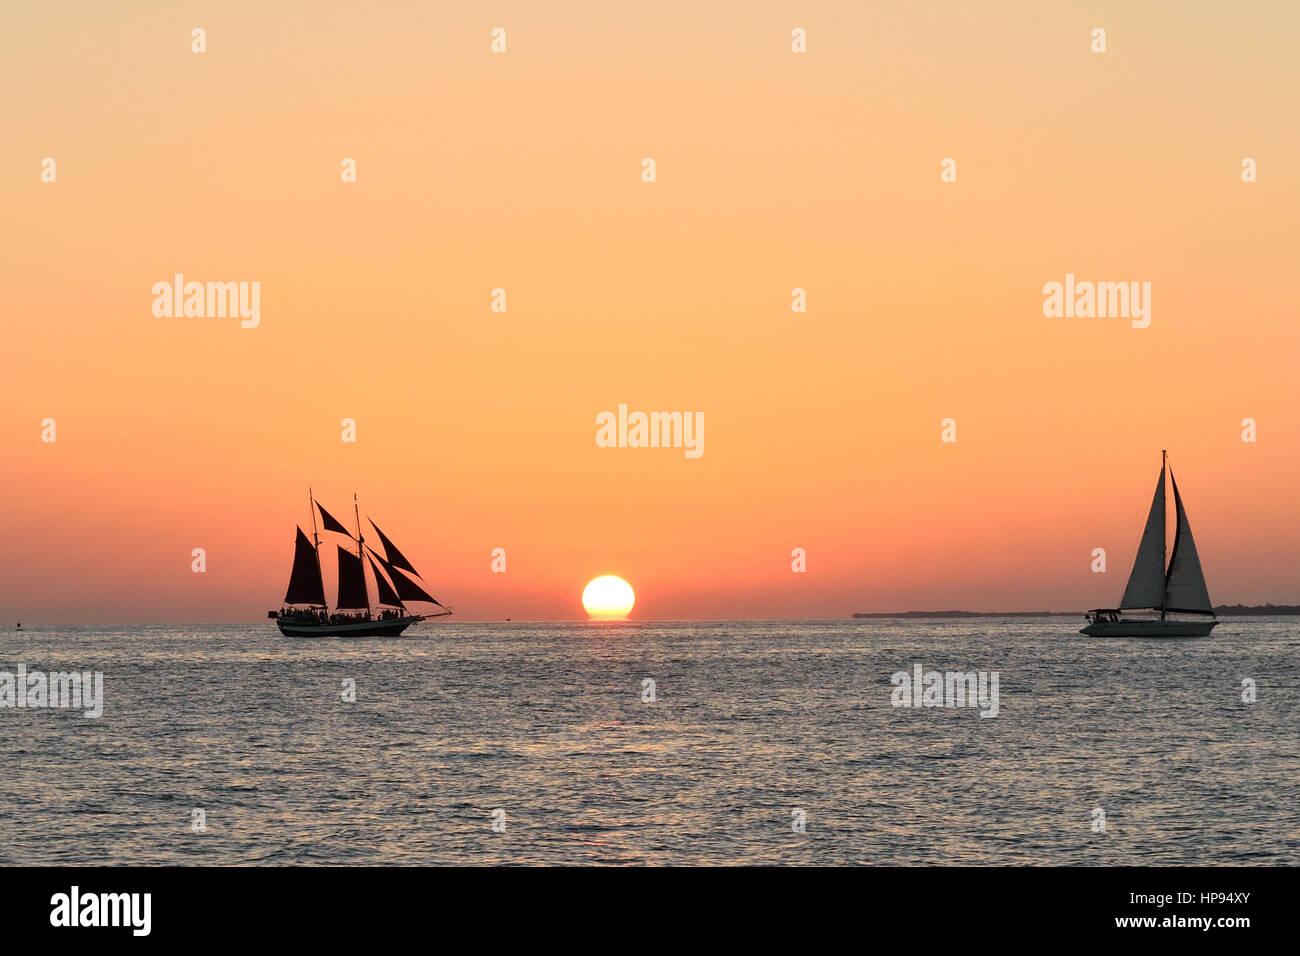 Voiliers en face d'un merveilleux coucher de soleil de Key West. Prises de Malory Square Photo Stock